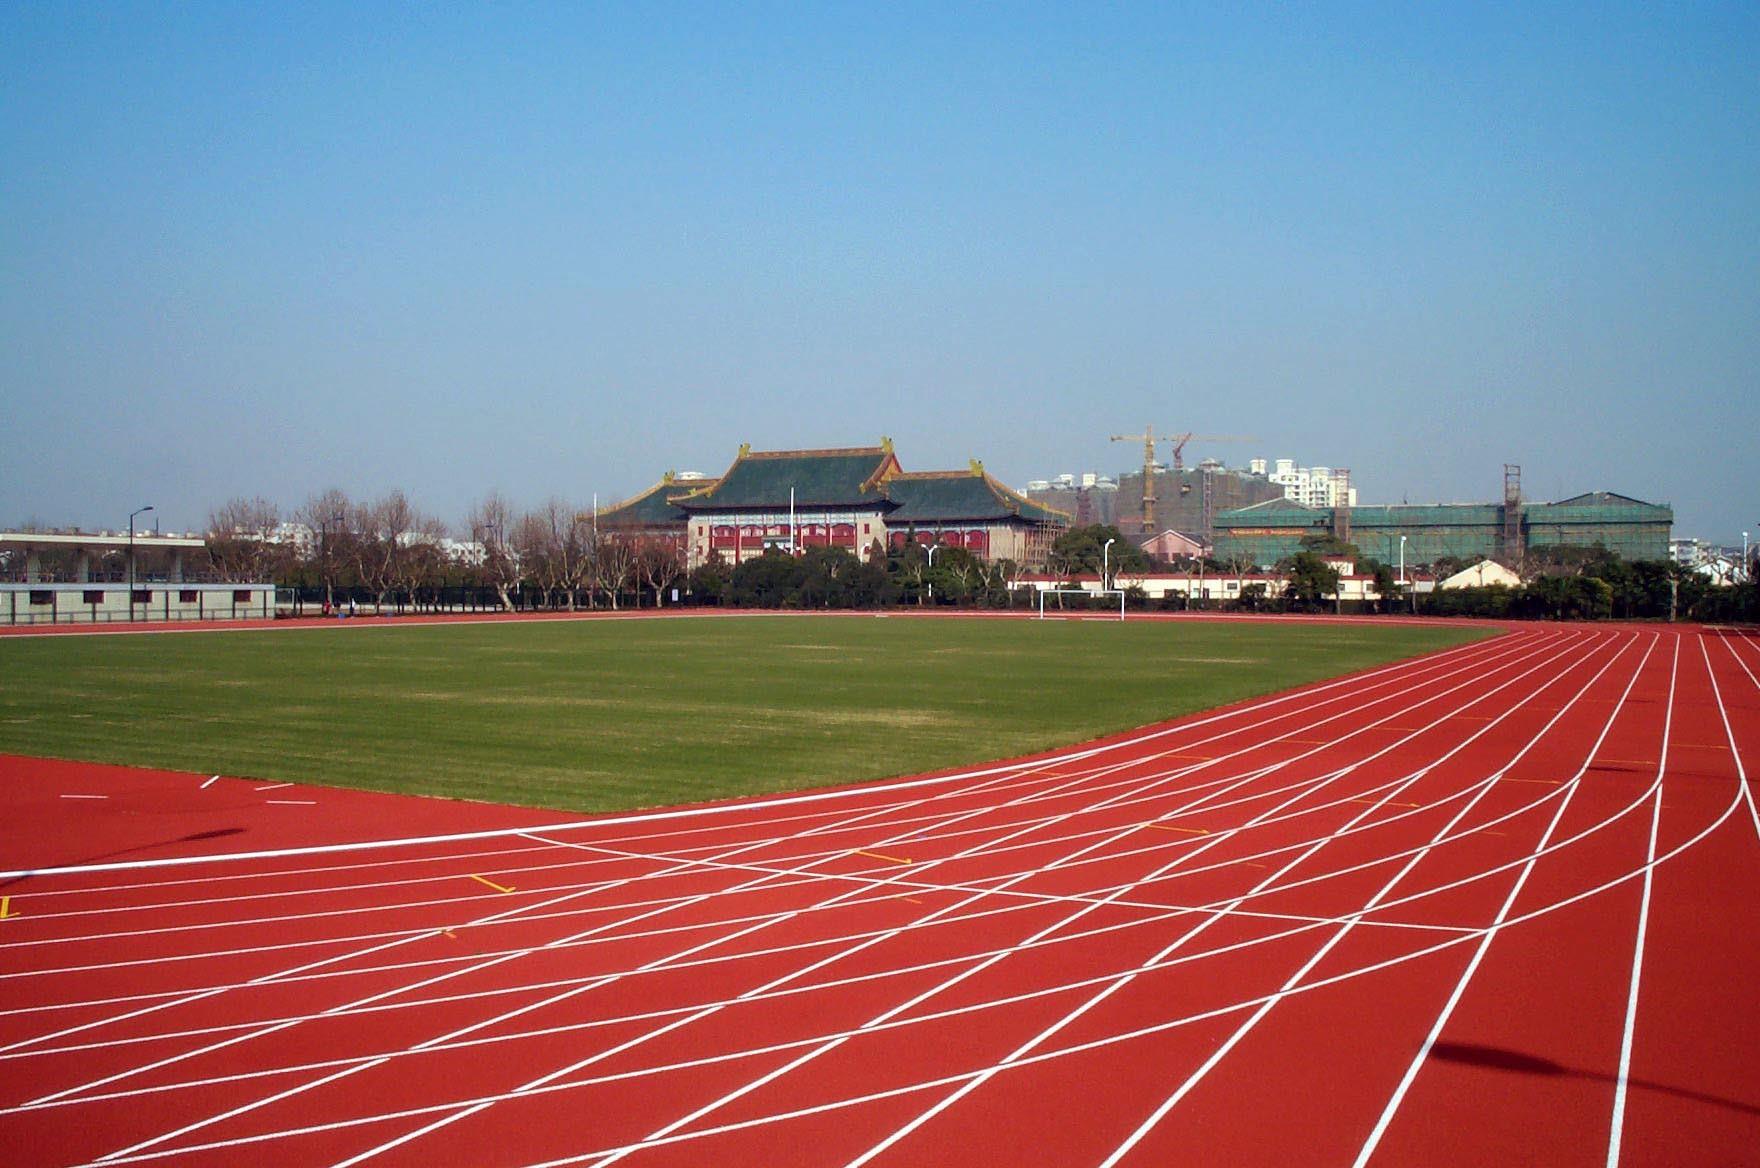 其中包括雅典奥运会金牌获得者刘翔的教练孙海平